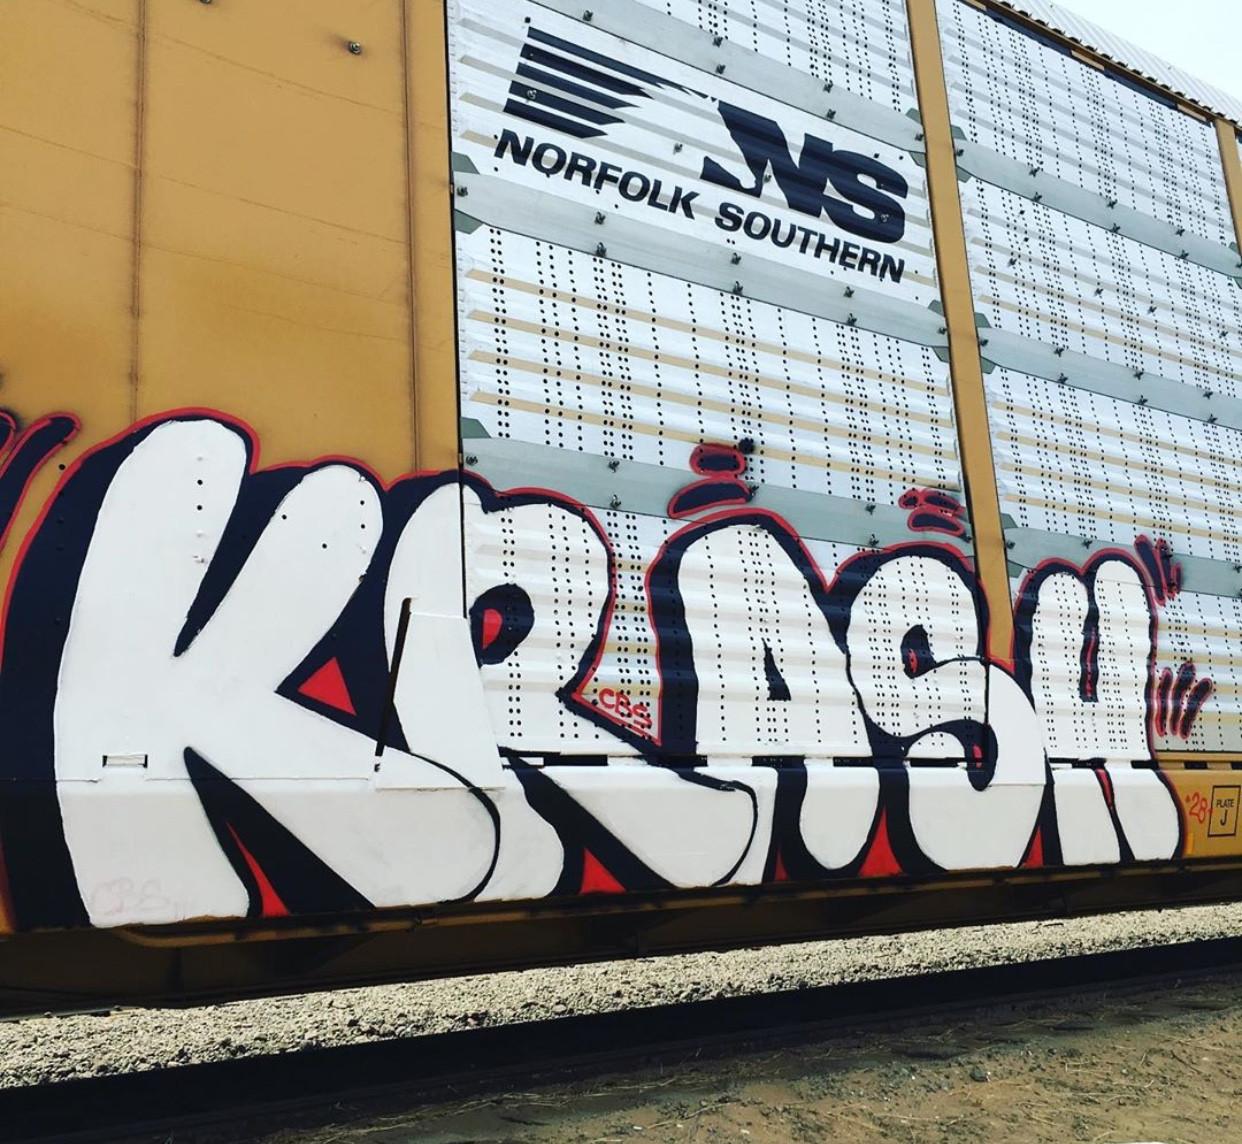 Krasher